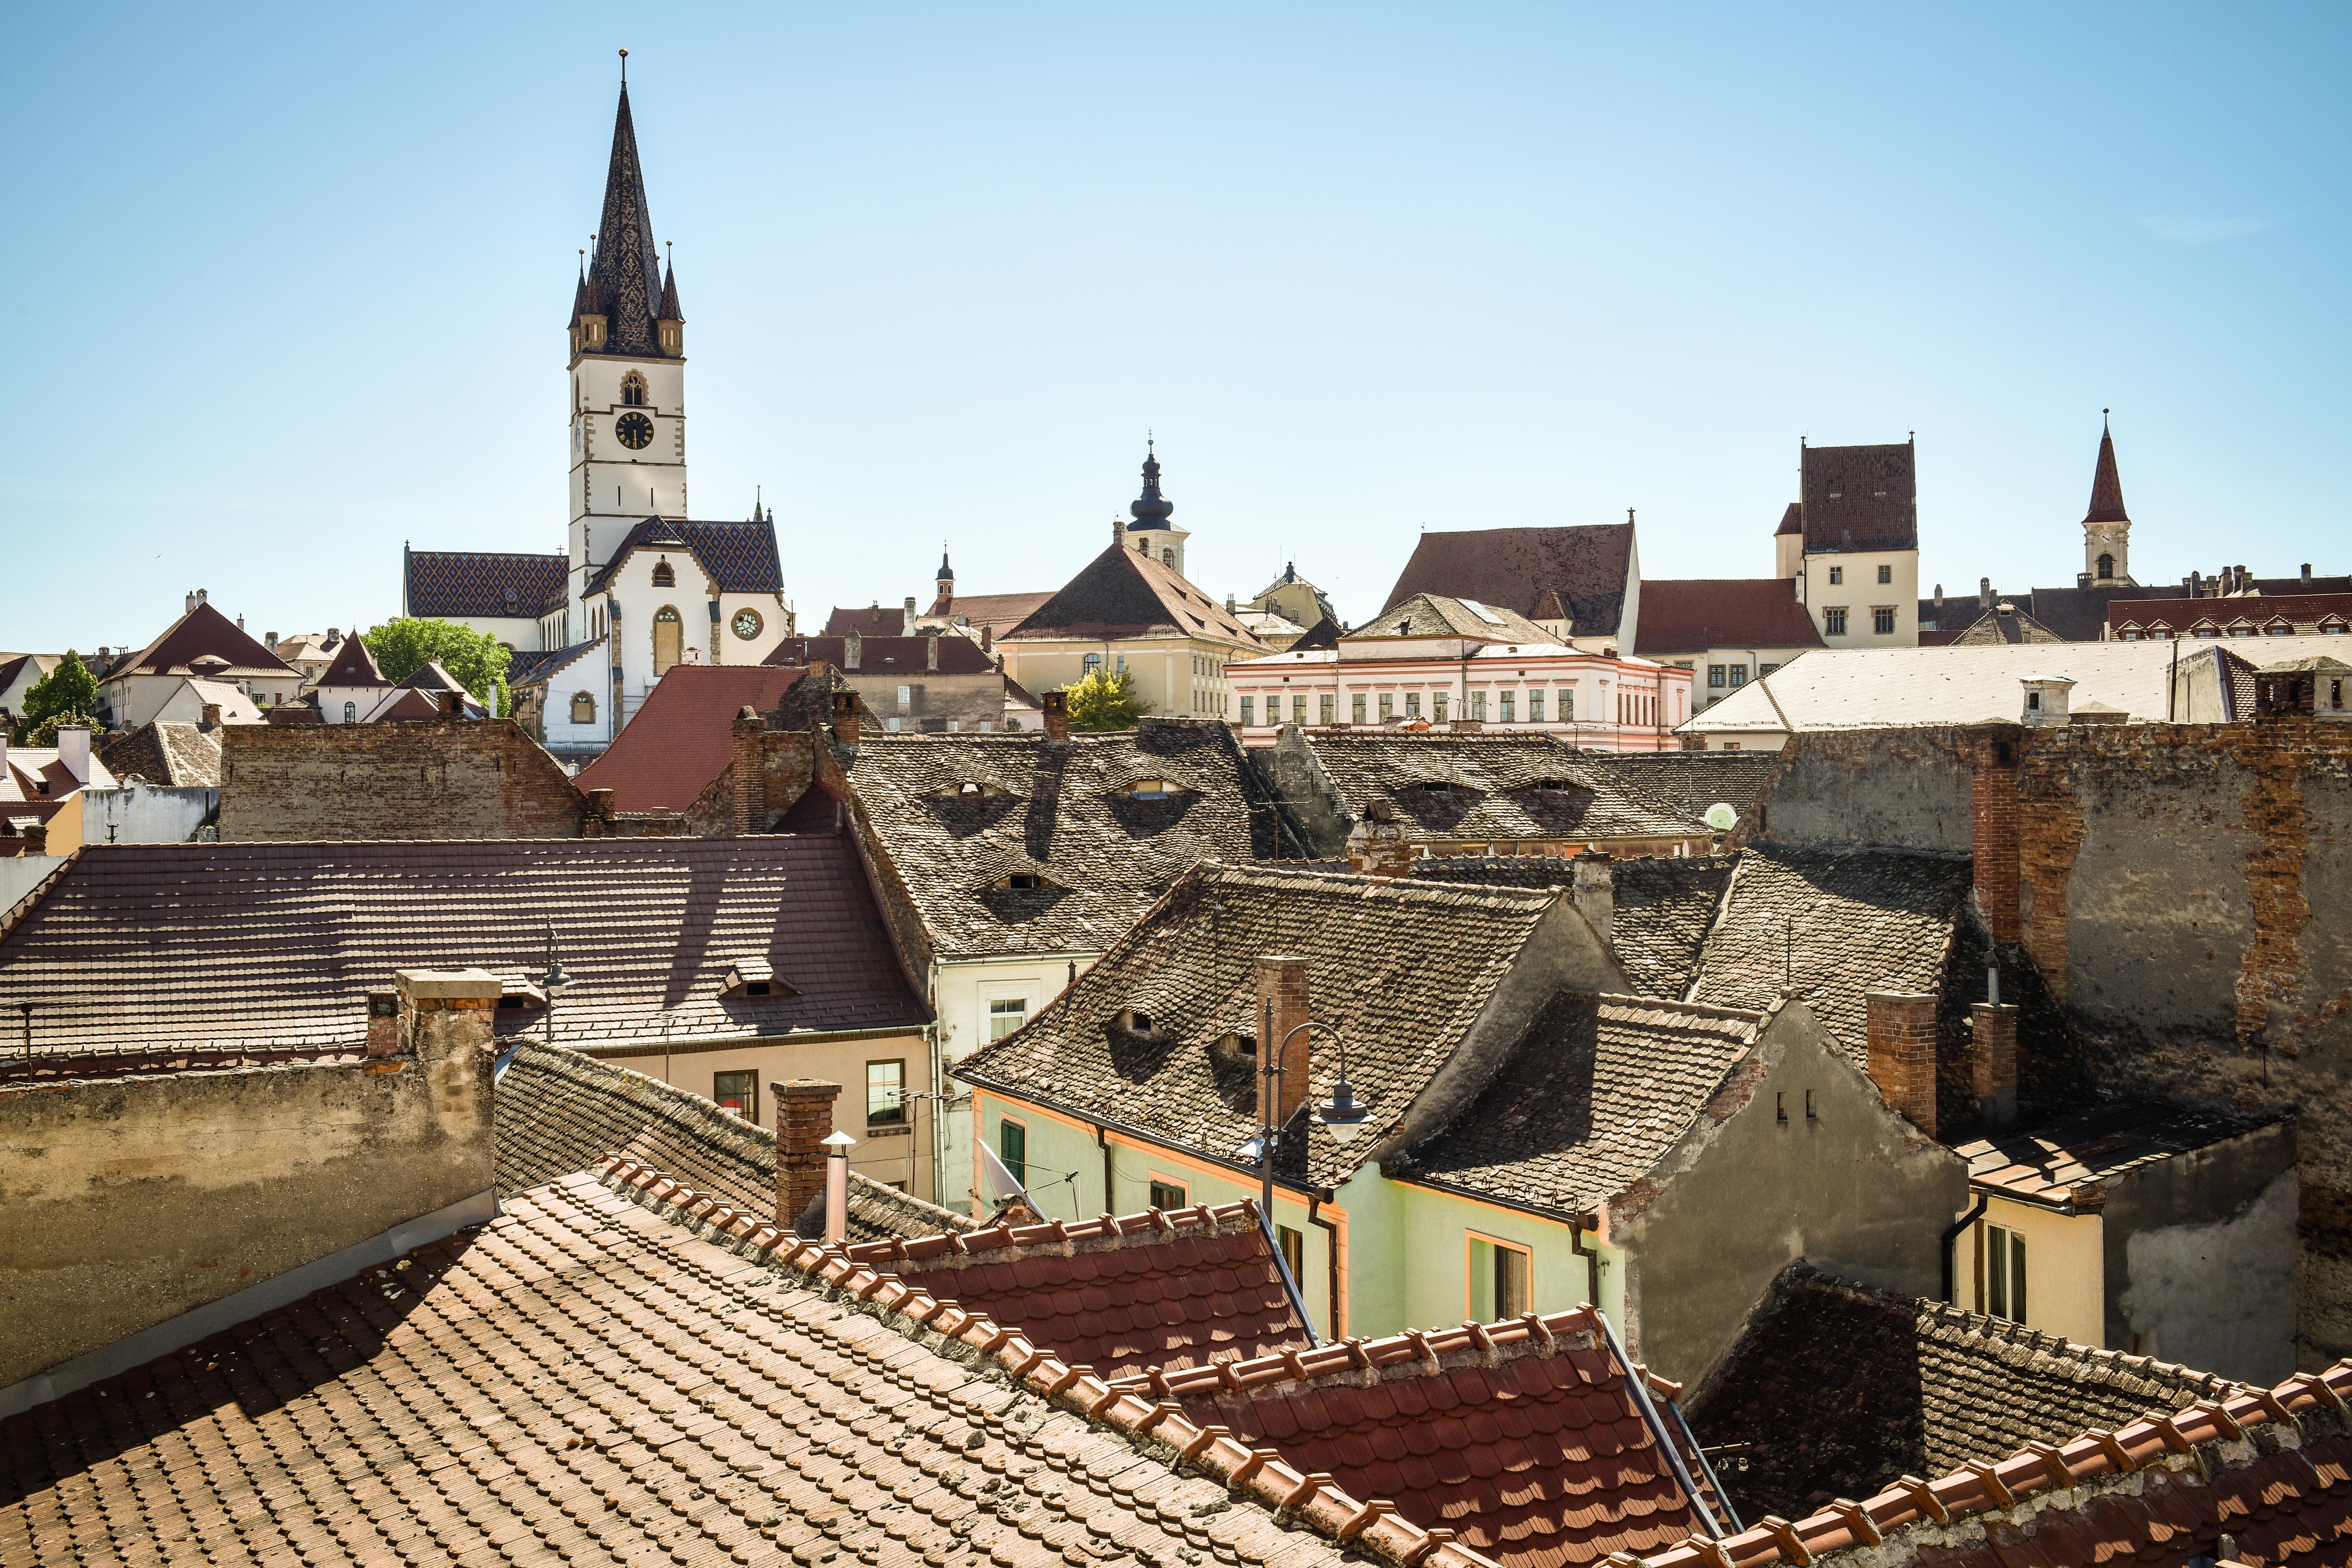 1,47 - rata de infectare în municipiul Sibiu. În județ, doar trei localități au rata incidenței peste 2 la mia de locuitori